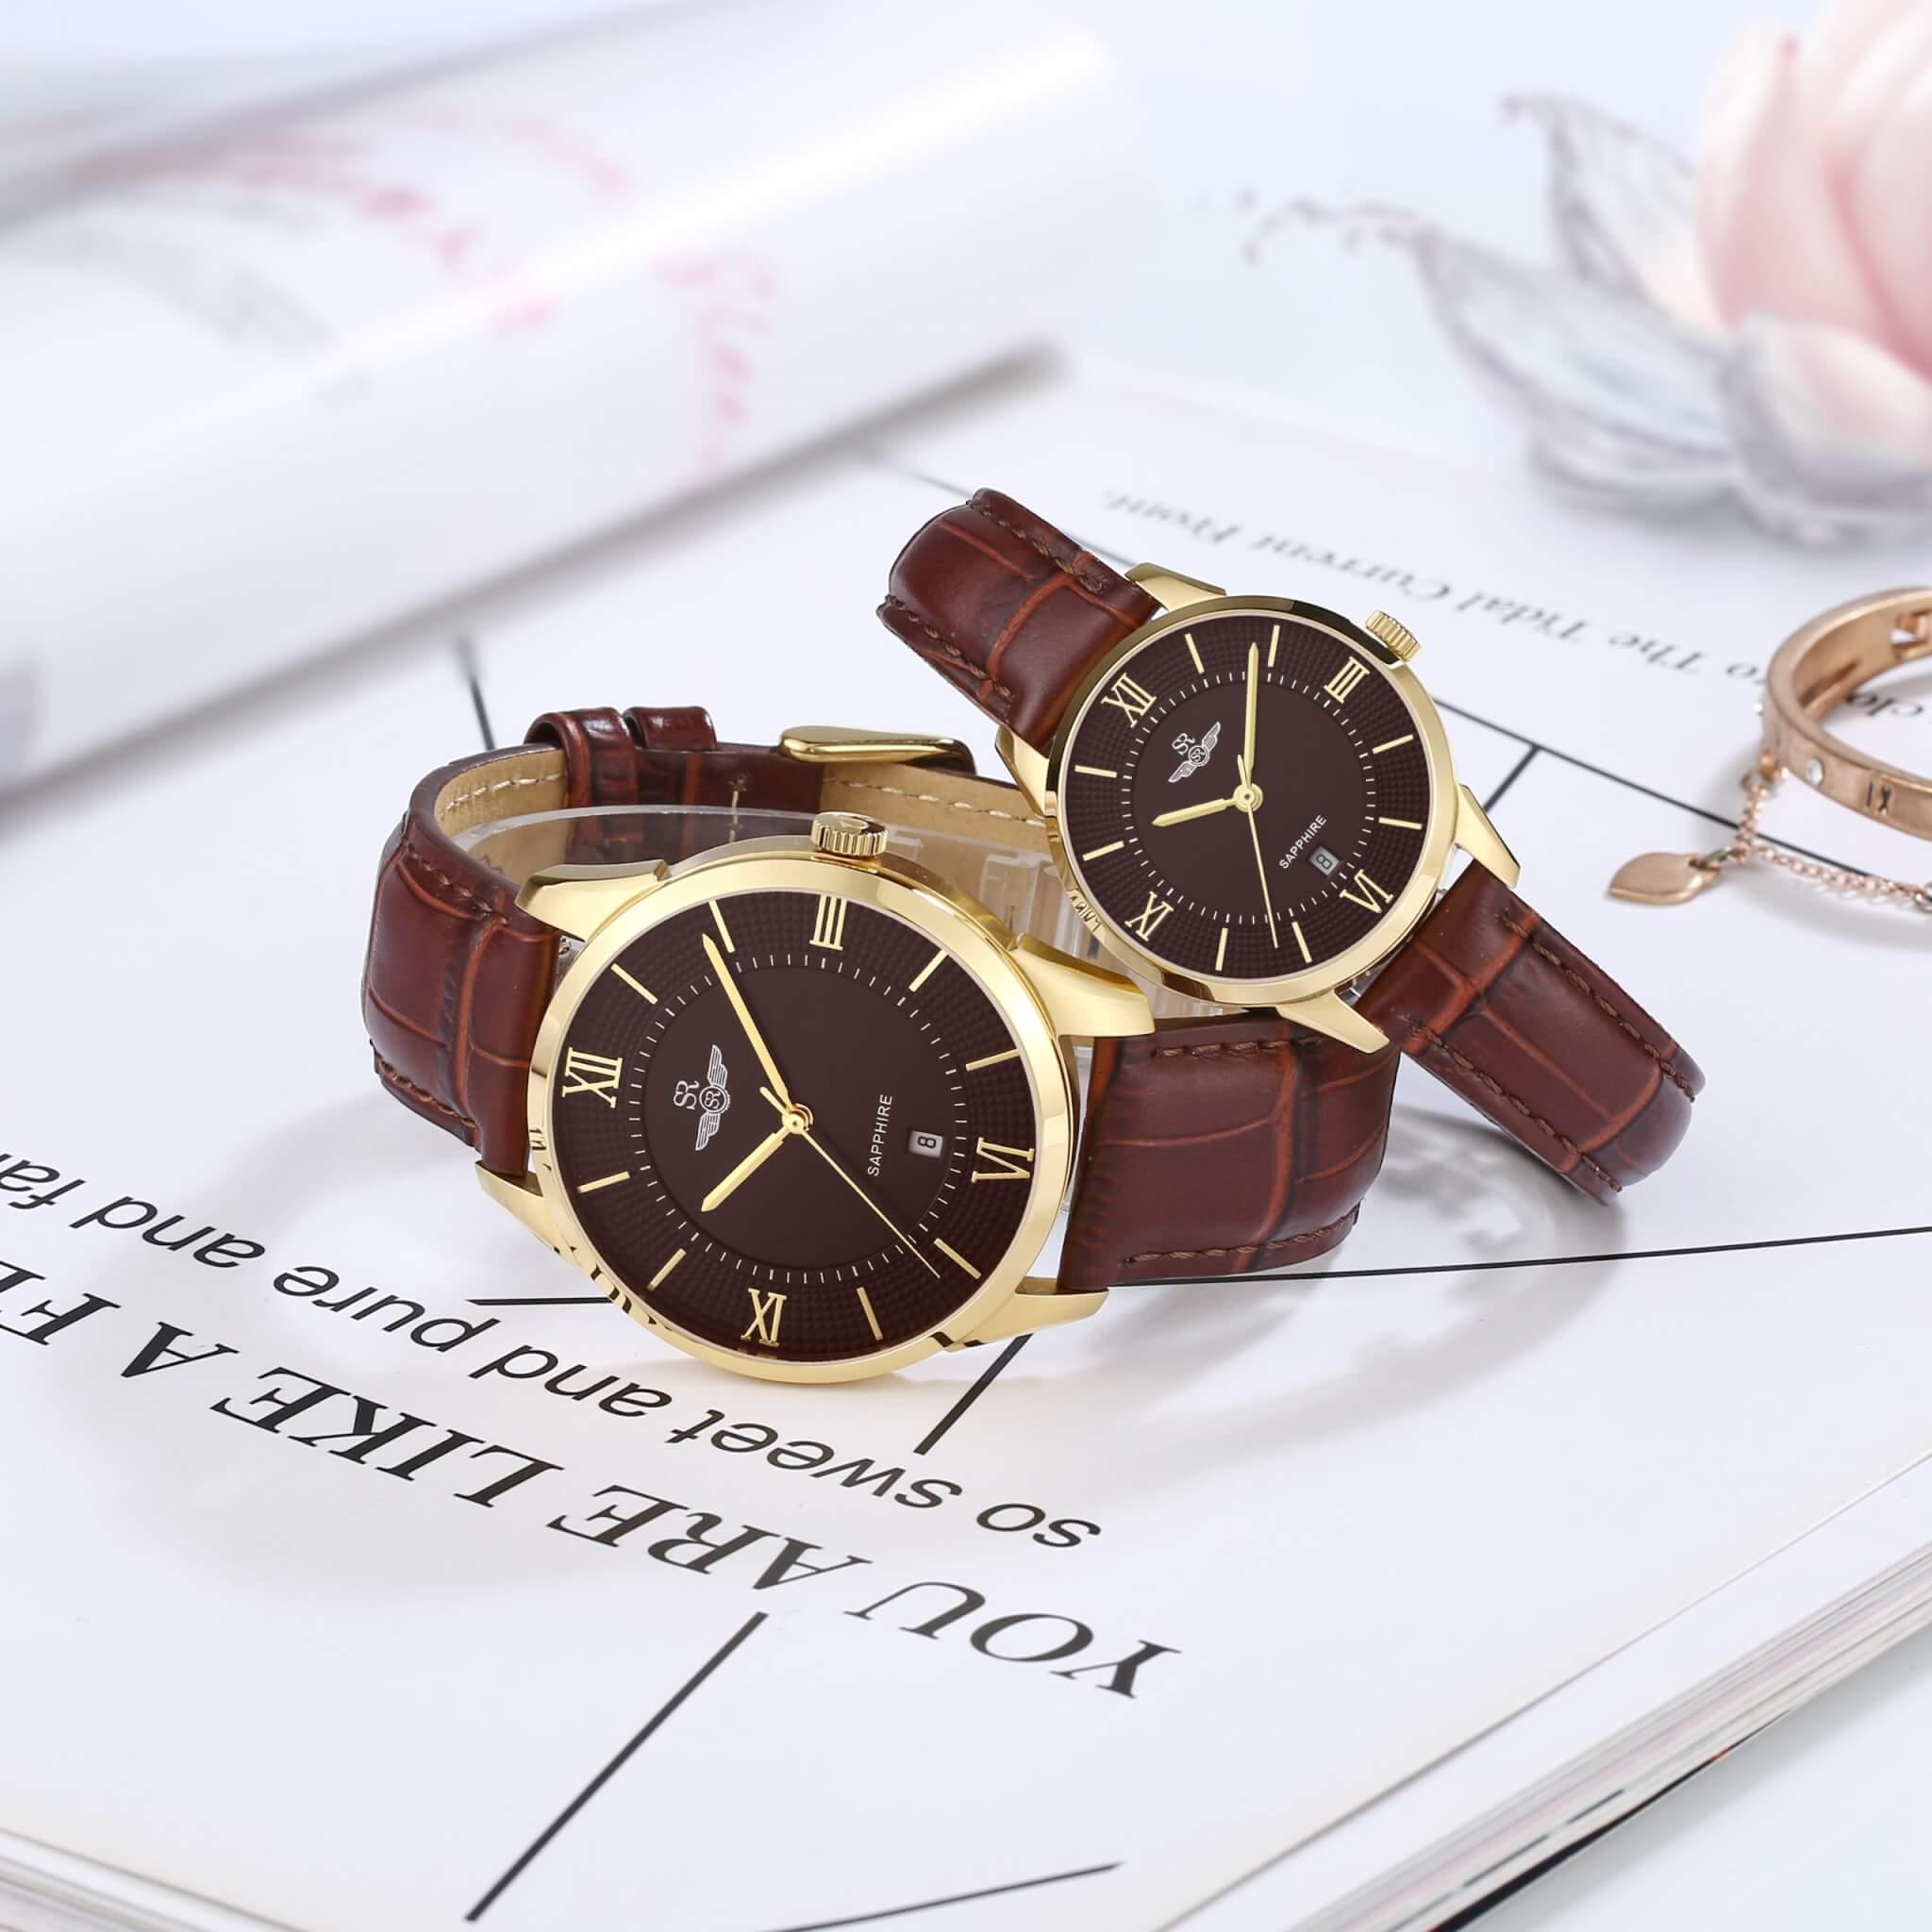 đồng hồ dây da nam chính hãng giá tốt